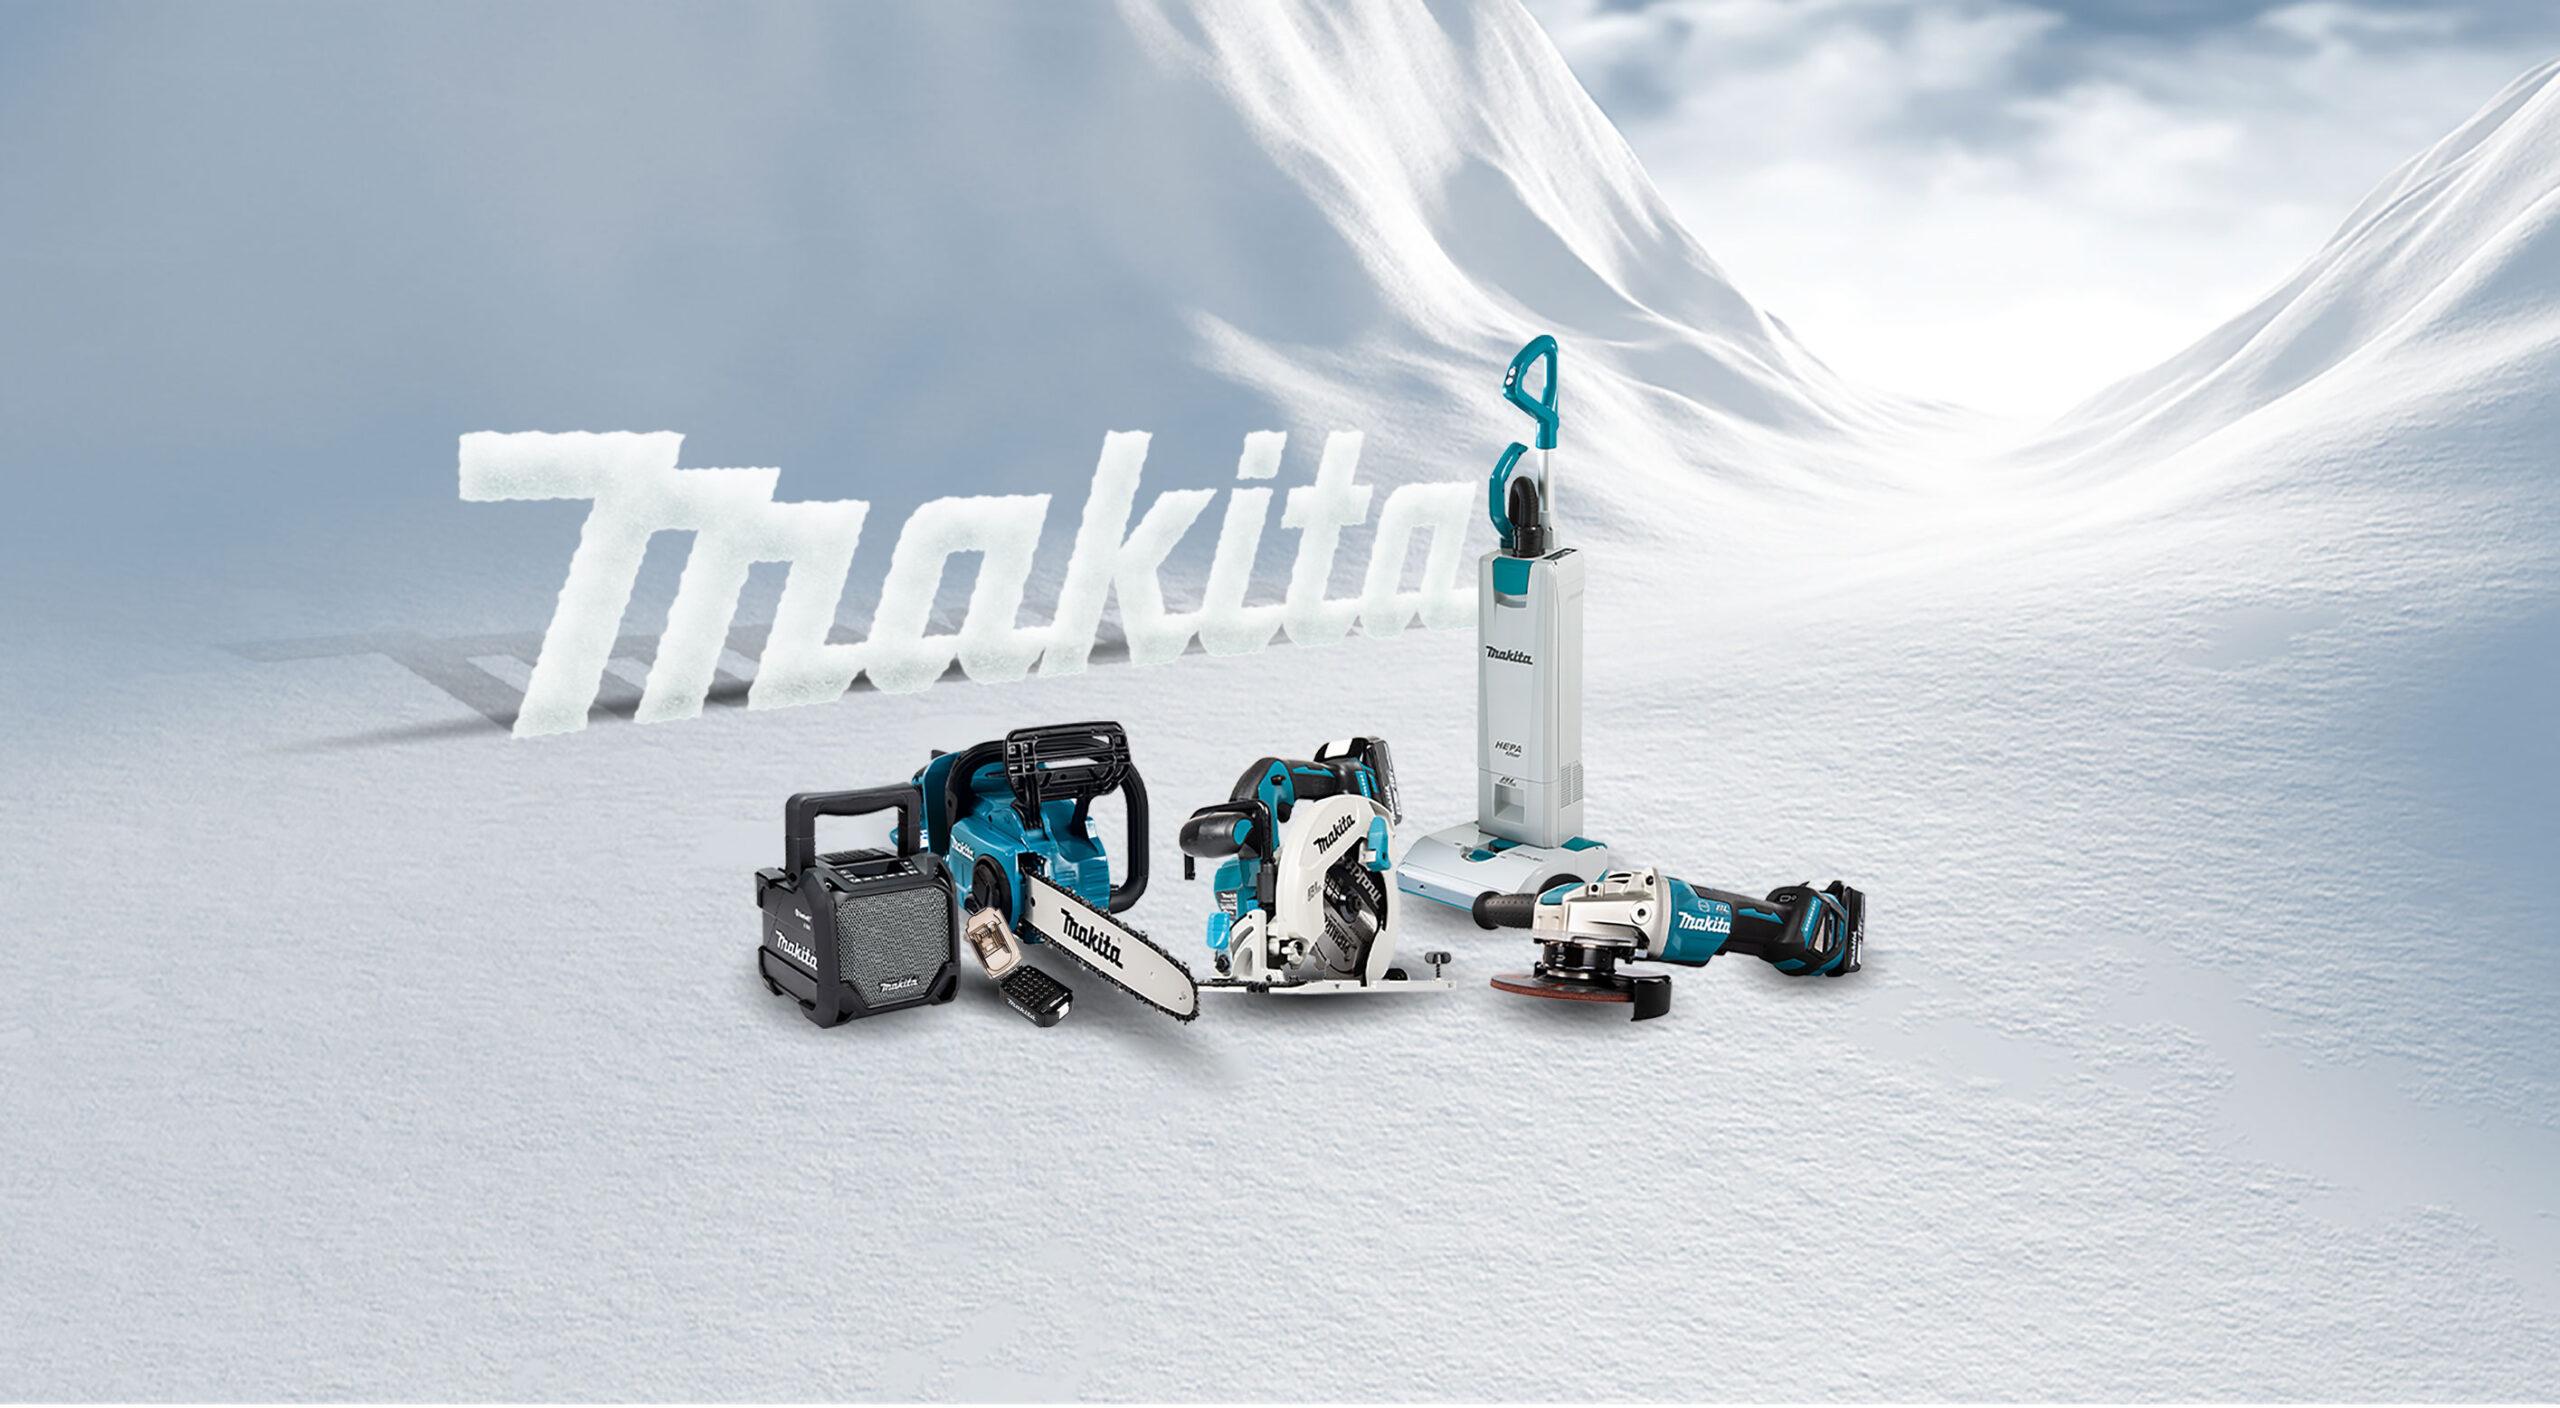 Makita-talvepakkumine-jaanuar-2020_2200x1238-scaled.jpg (2560×1408)